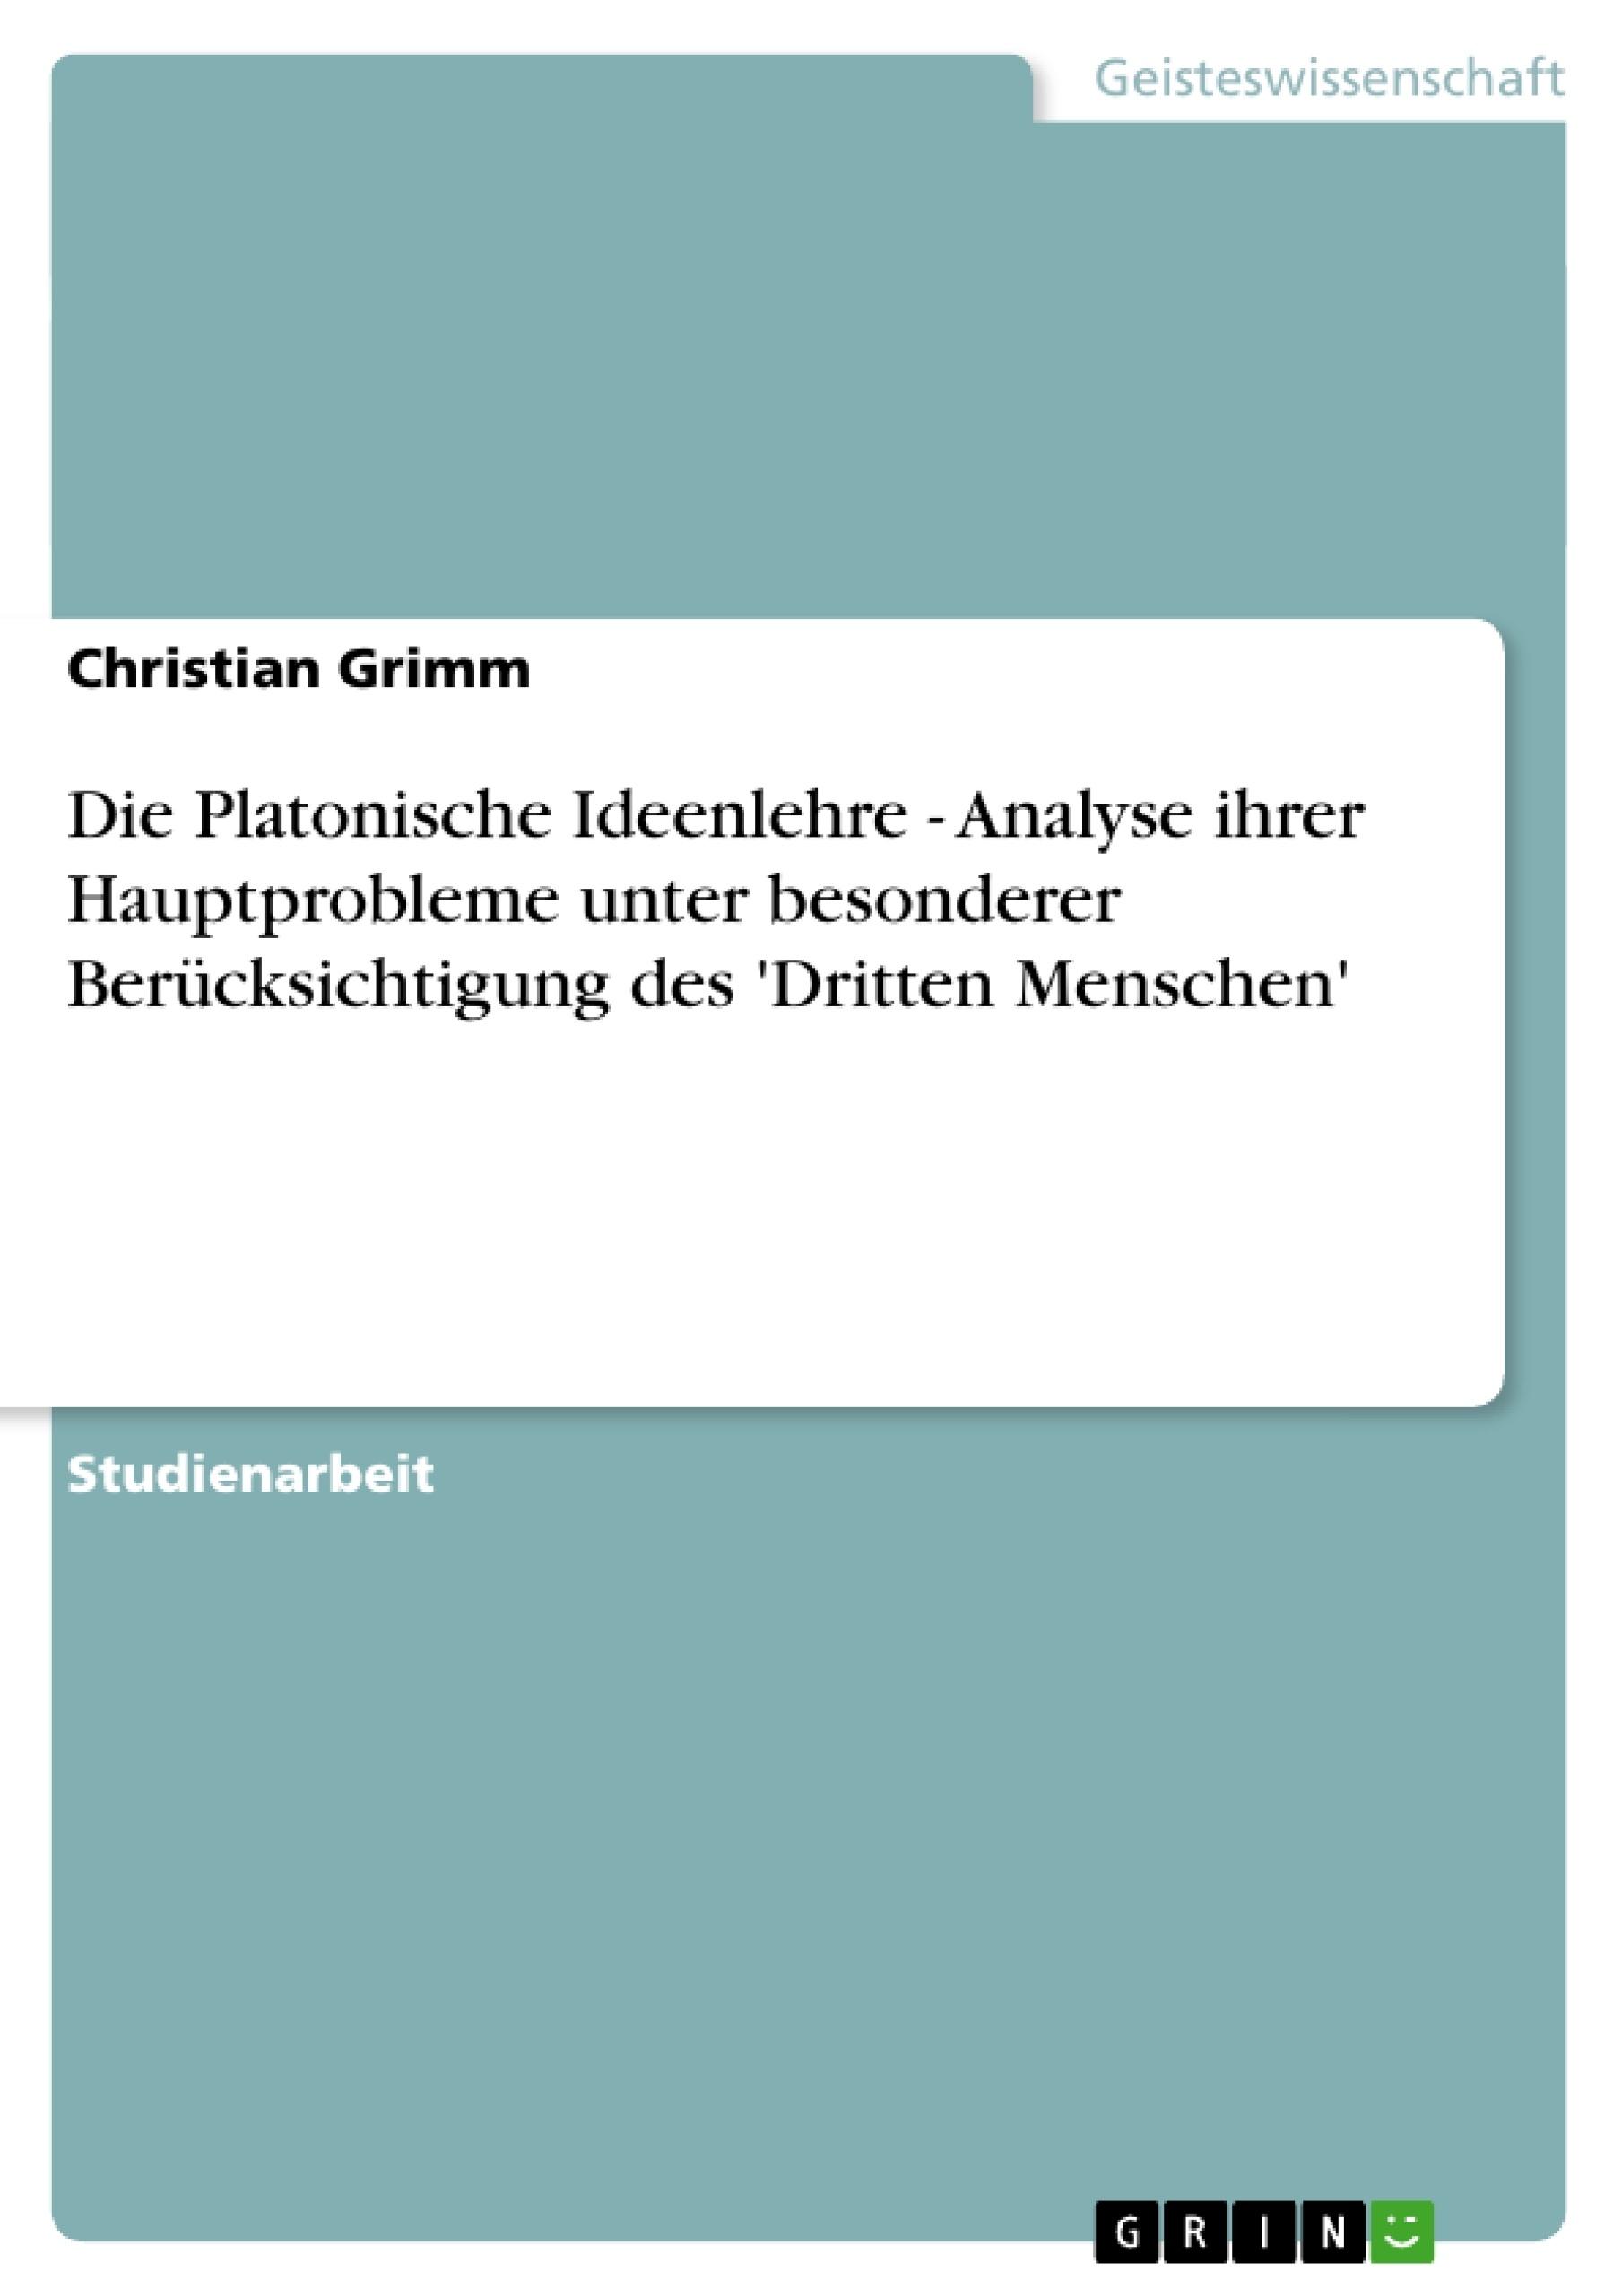 Titel: Die Platonische Ideenlehre - Analyse ihrer Hauptprobleme unter besonderer Berücksichtigung des 'Dritten Menschen'